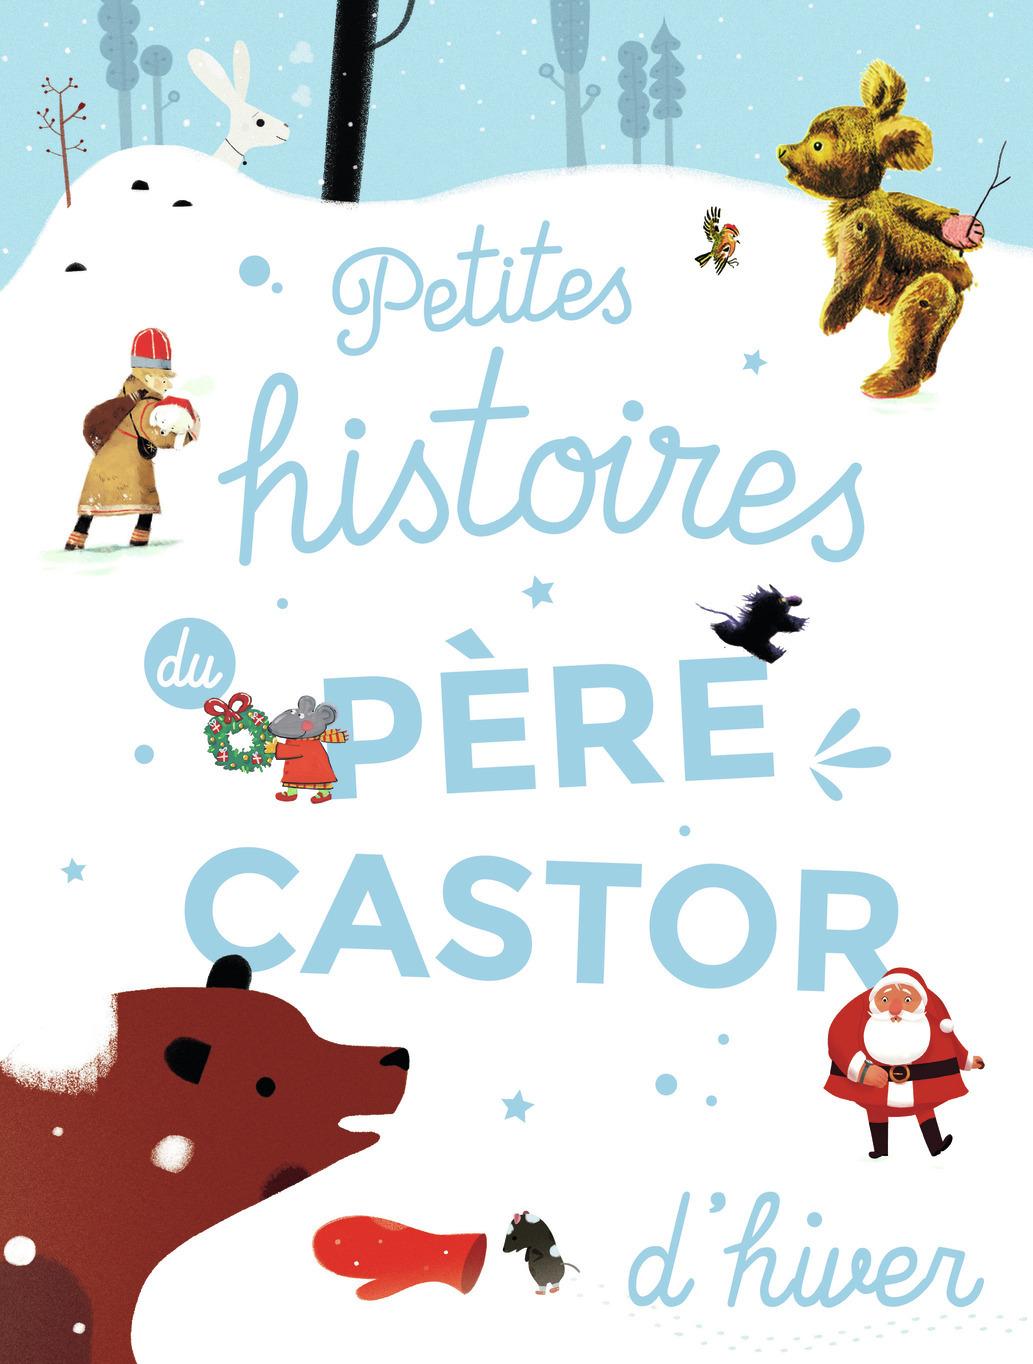 PETITES HISTOIRES DU PERE CASTOR D'HIVER